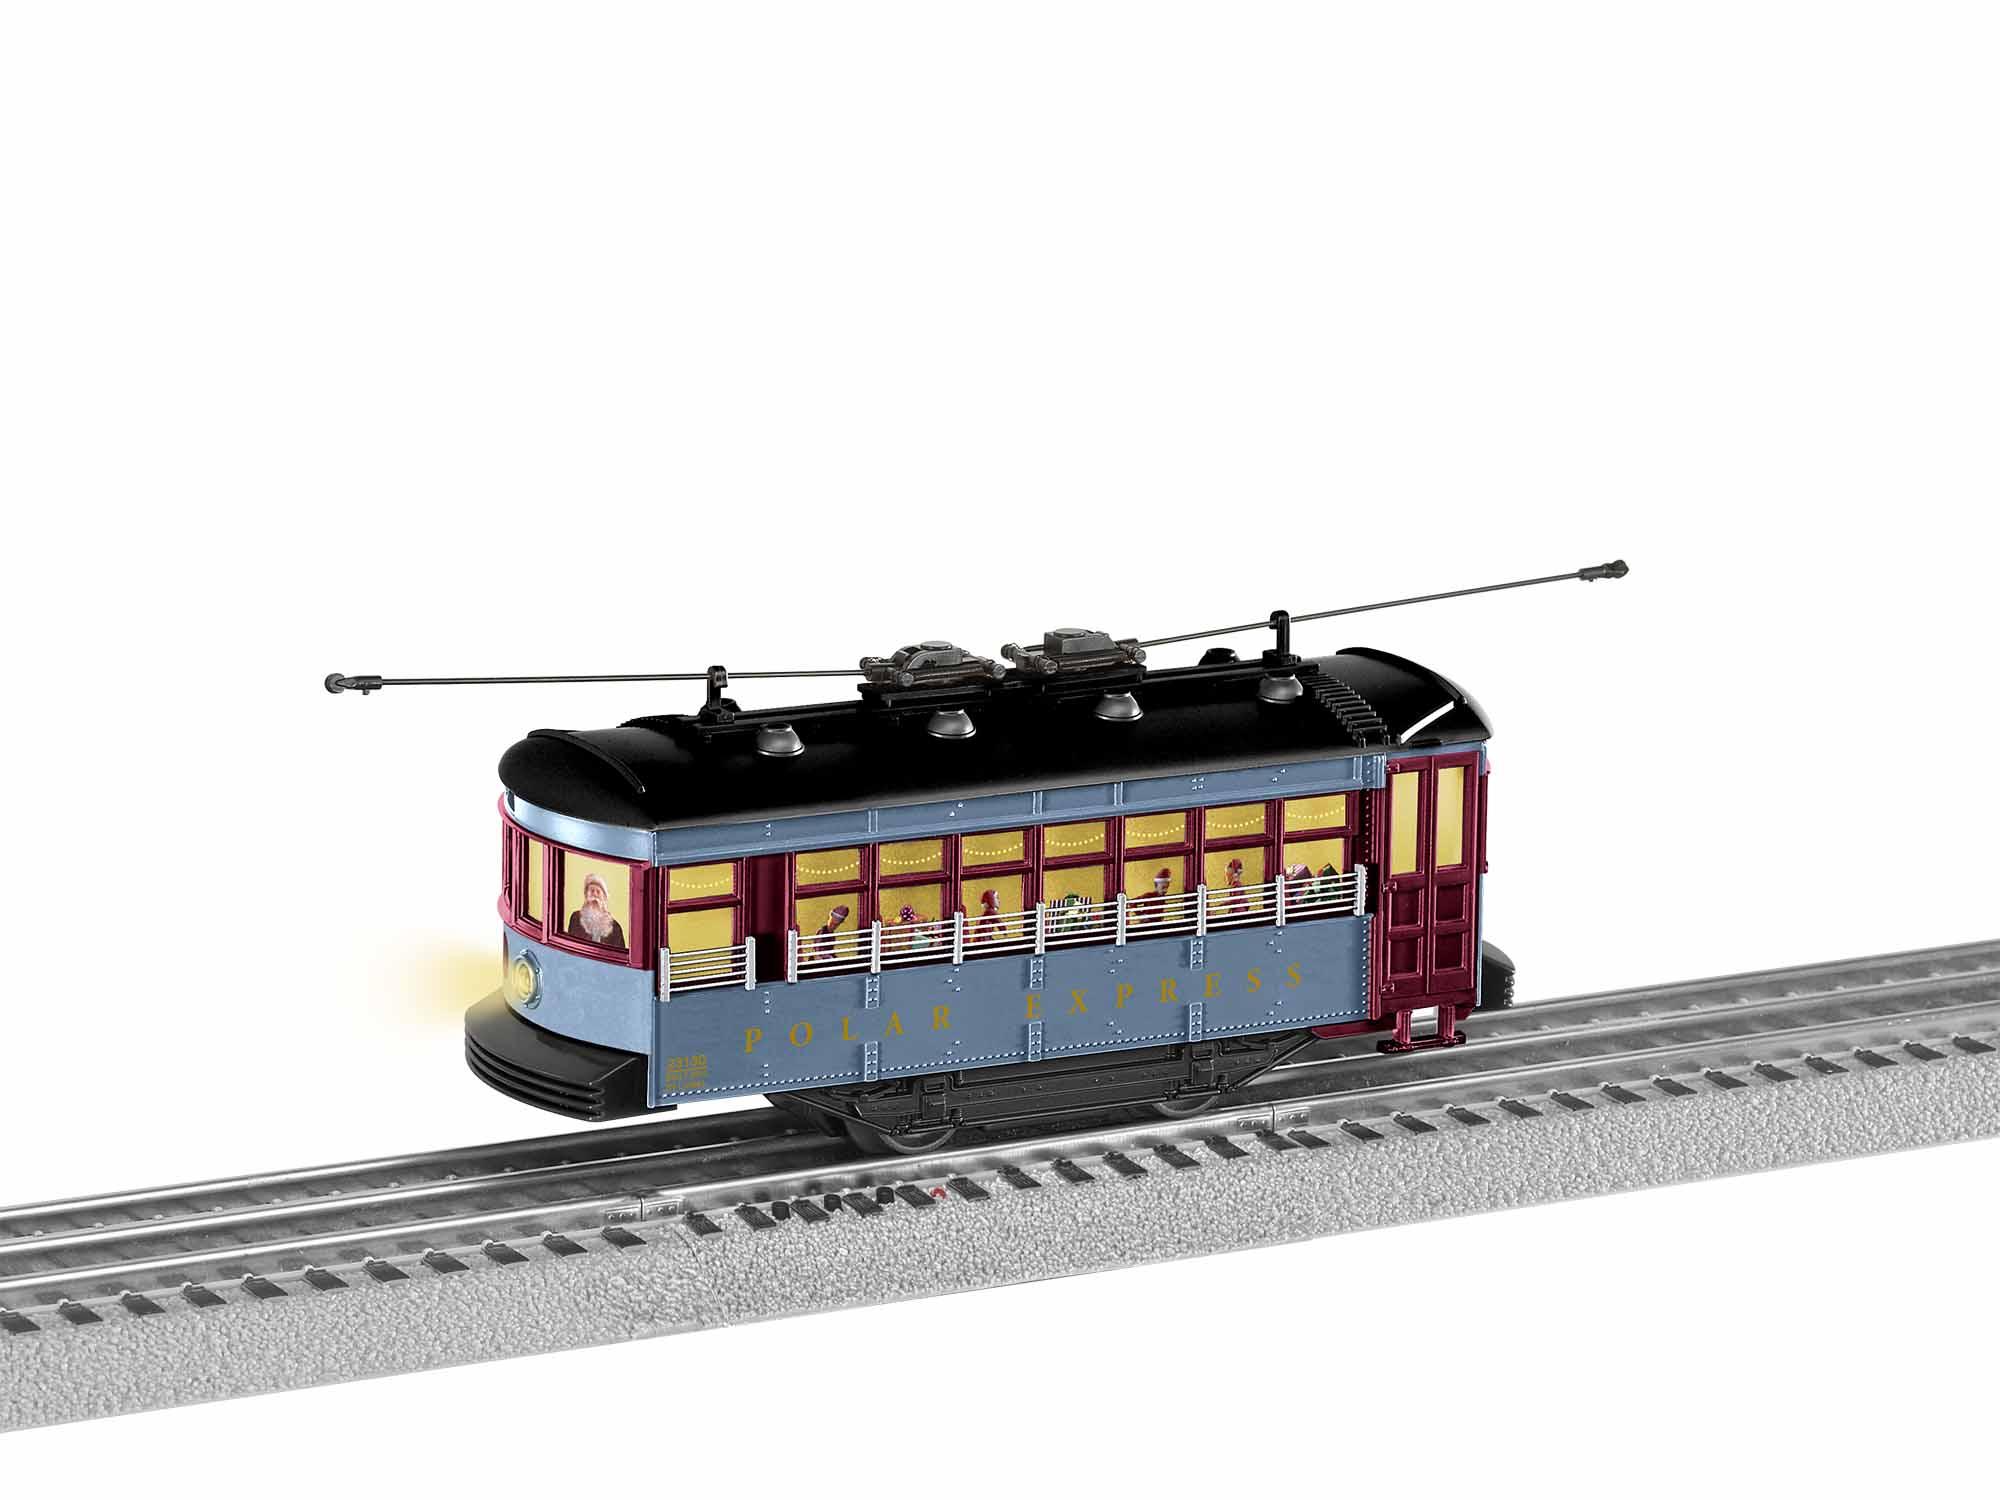 LNL1923130 Lionel O-27 Trolley Set Polar Express